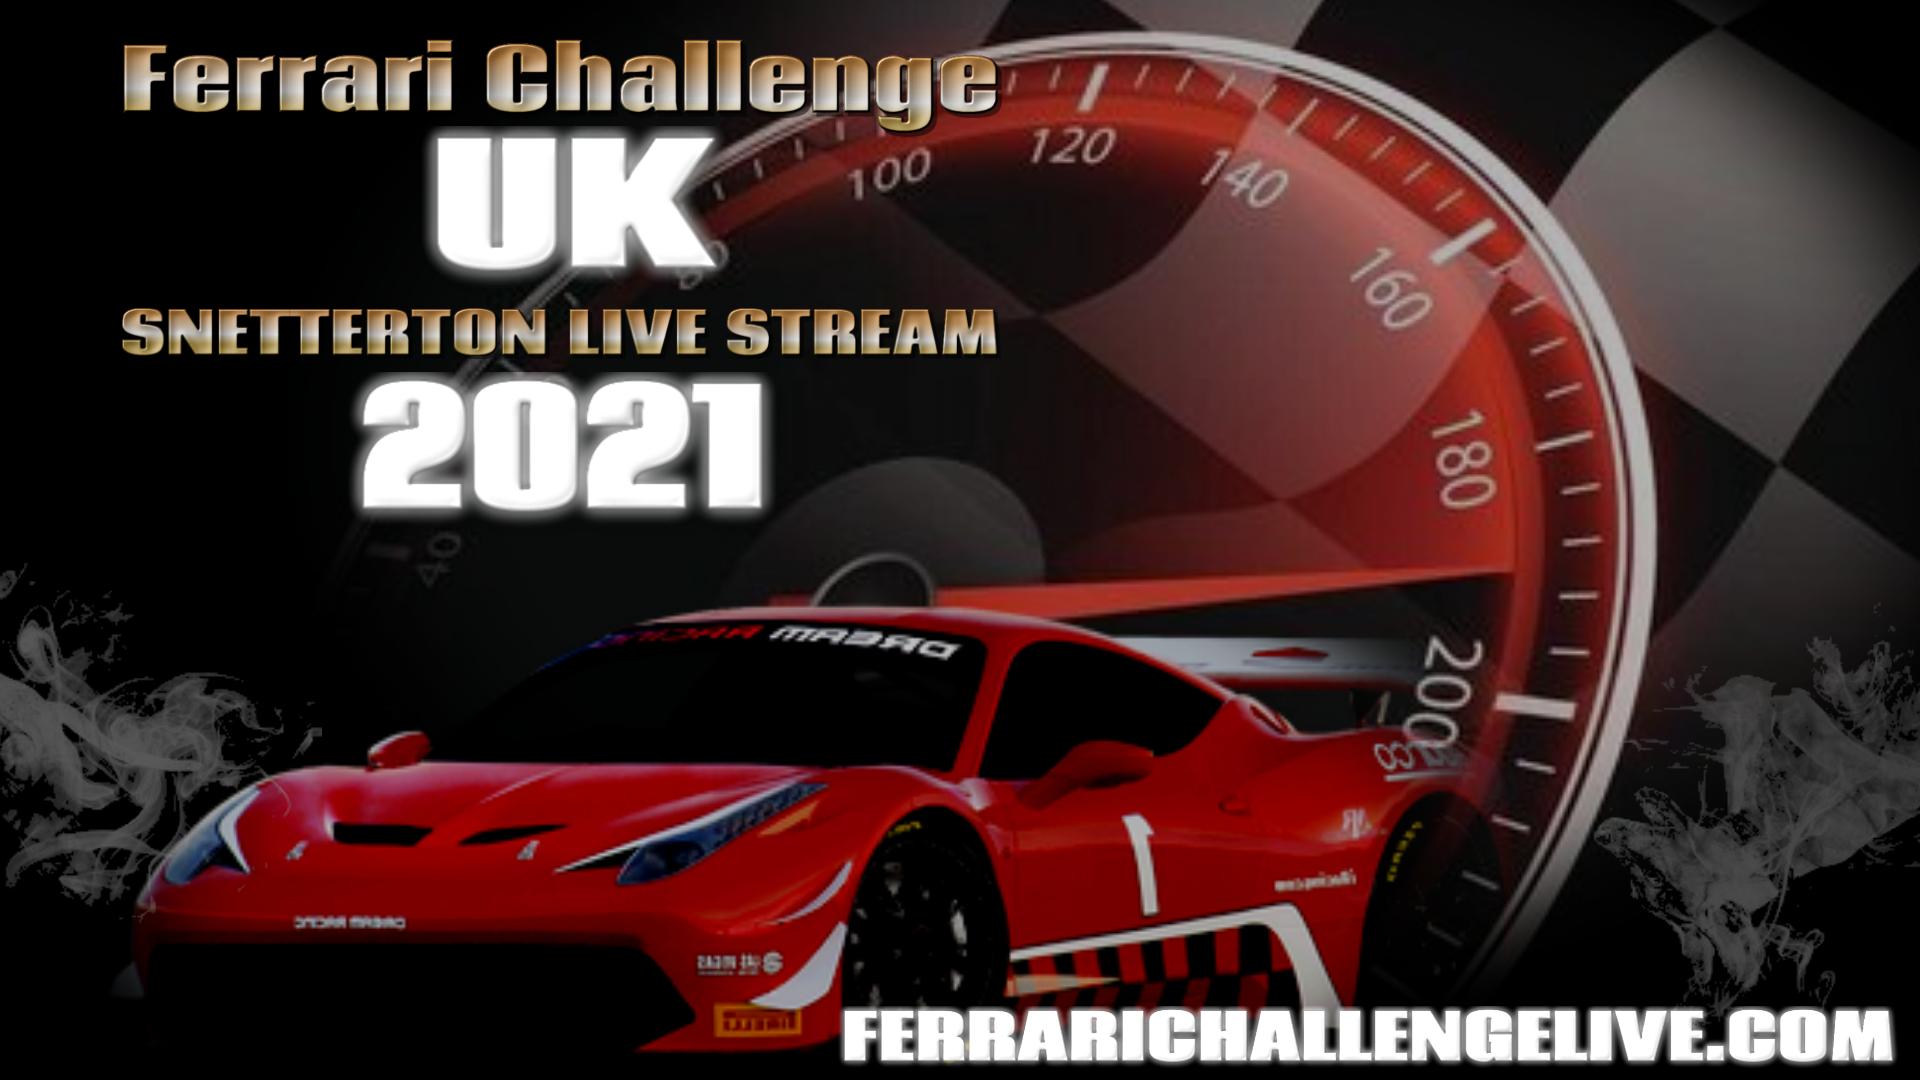 Snetterton Live Stream 2021   Ferrari Challenge UK